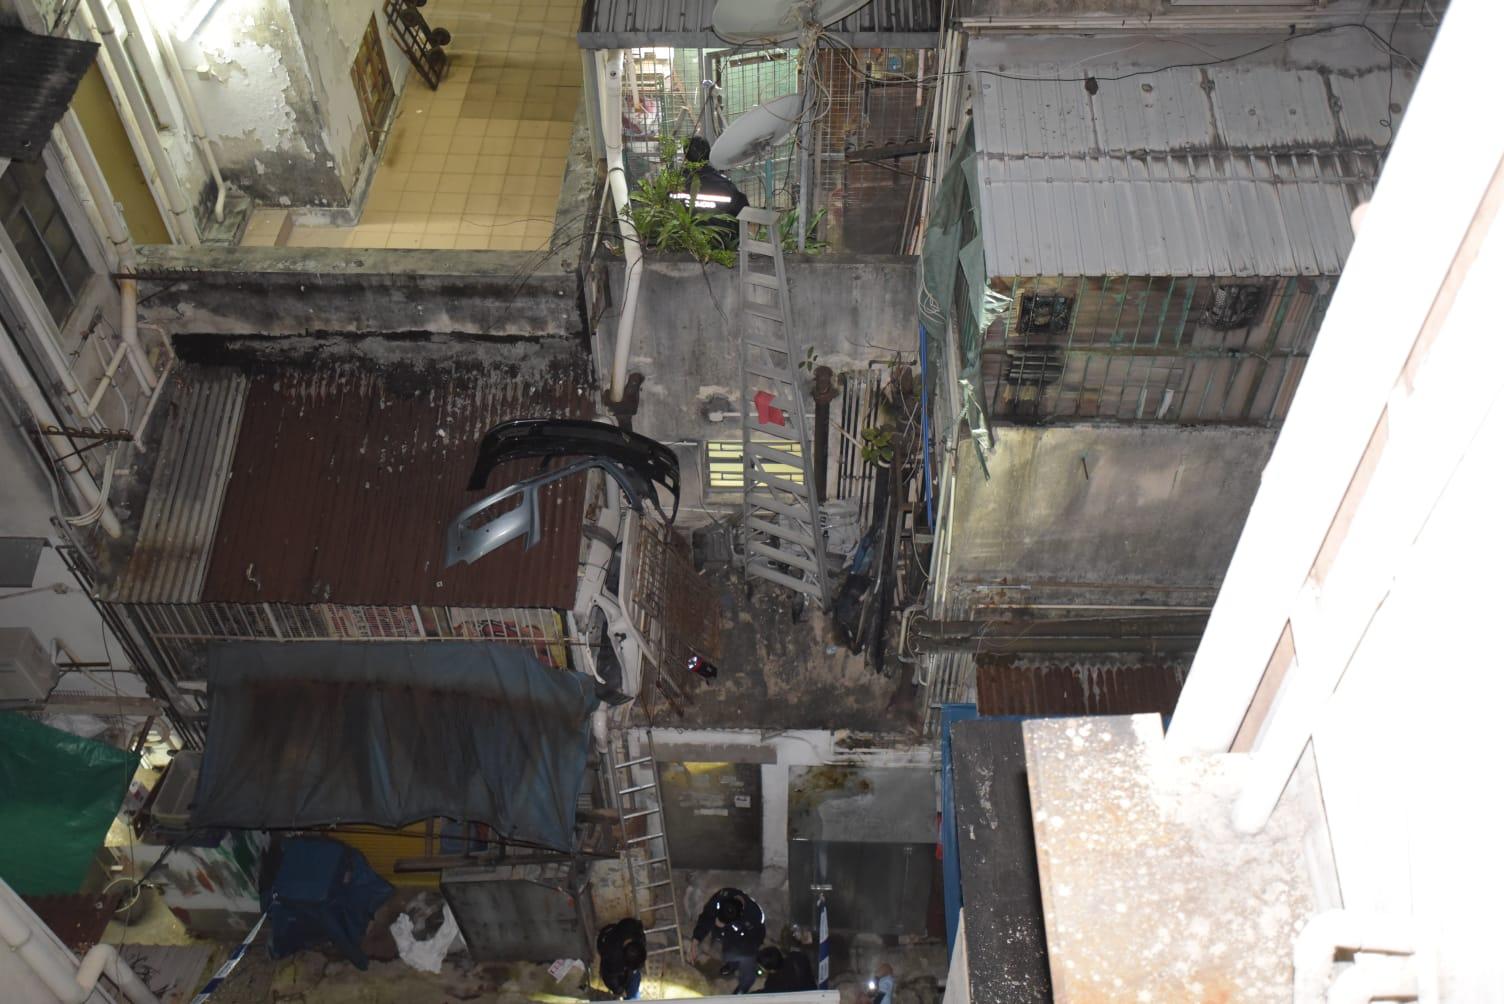 事主爬梯检查外墙水管时,怀疑失足堕楼死亡。